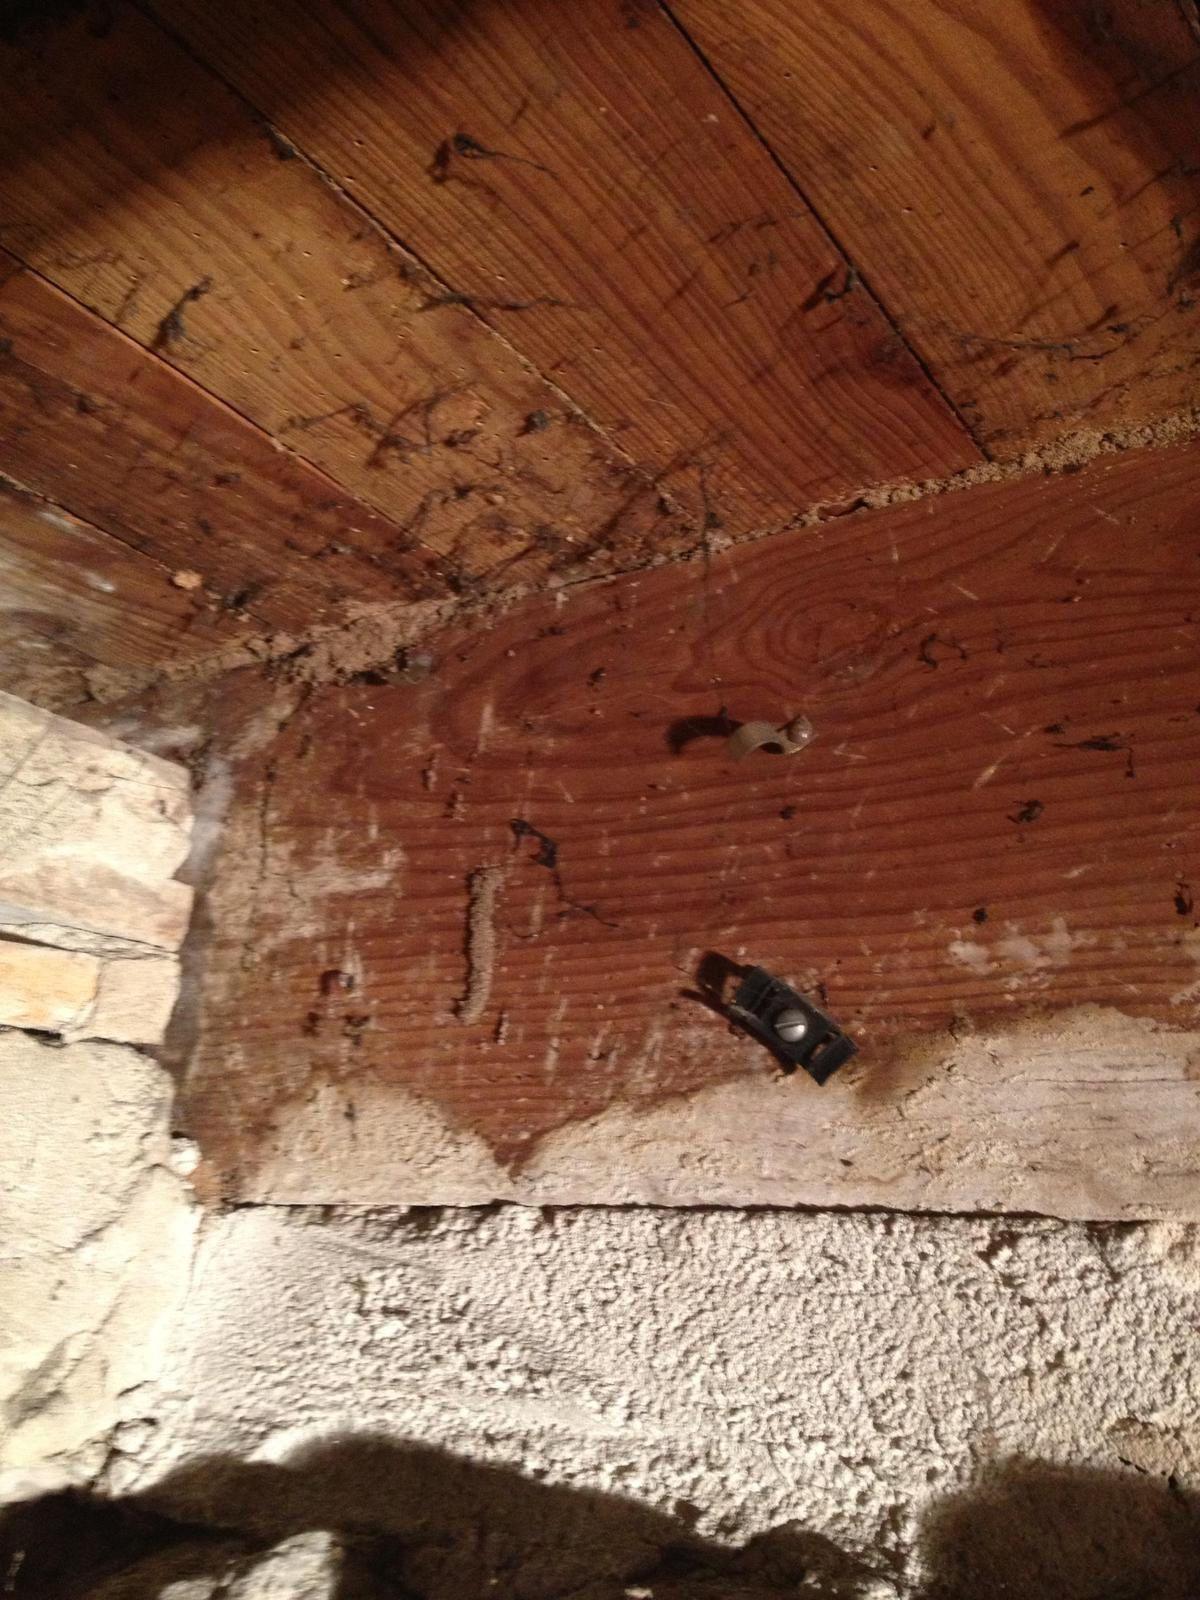 Traitement des termites curatifs ou préventifs Lot-et-garonne sur les secteurs d'Agen, Marmande,Nérac, Tonneins, Castelejaloux. Tél: 05.53.83.42.91